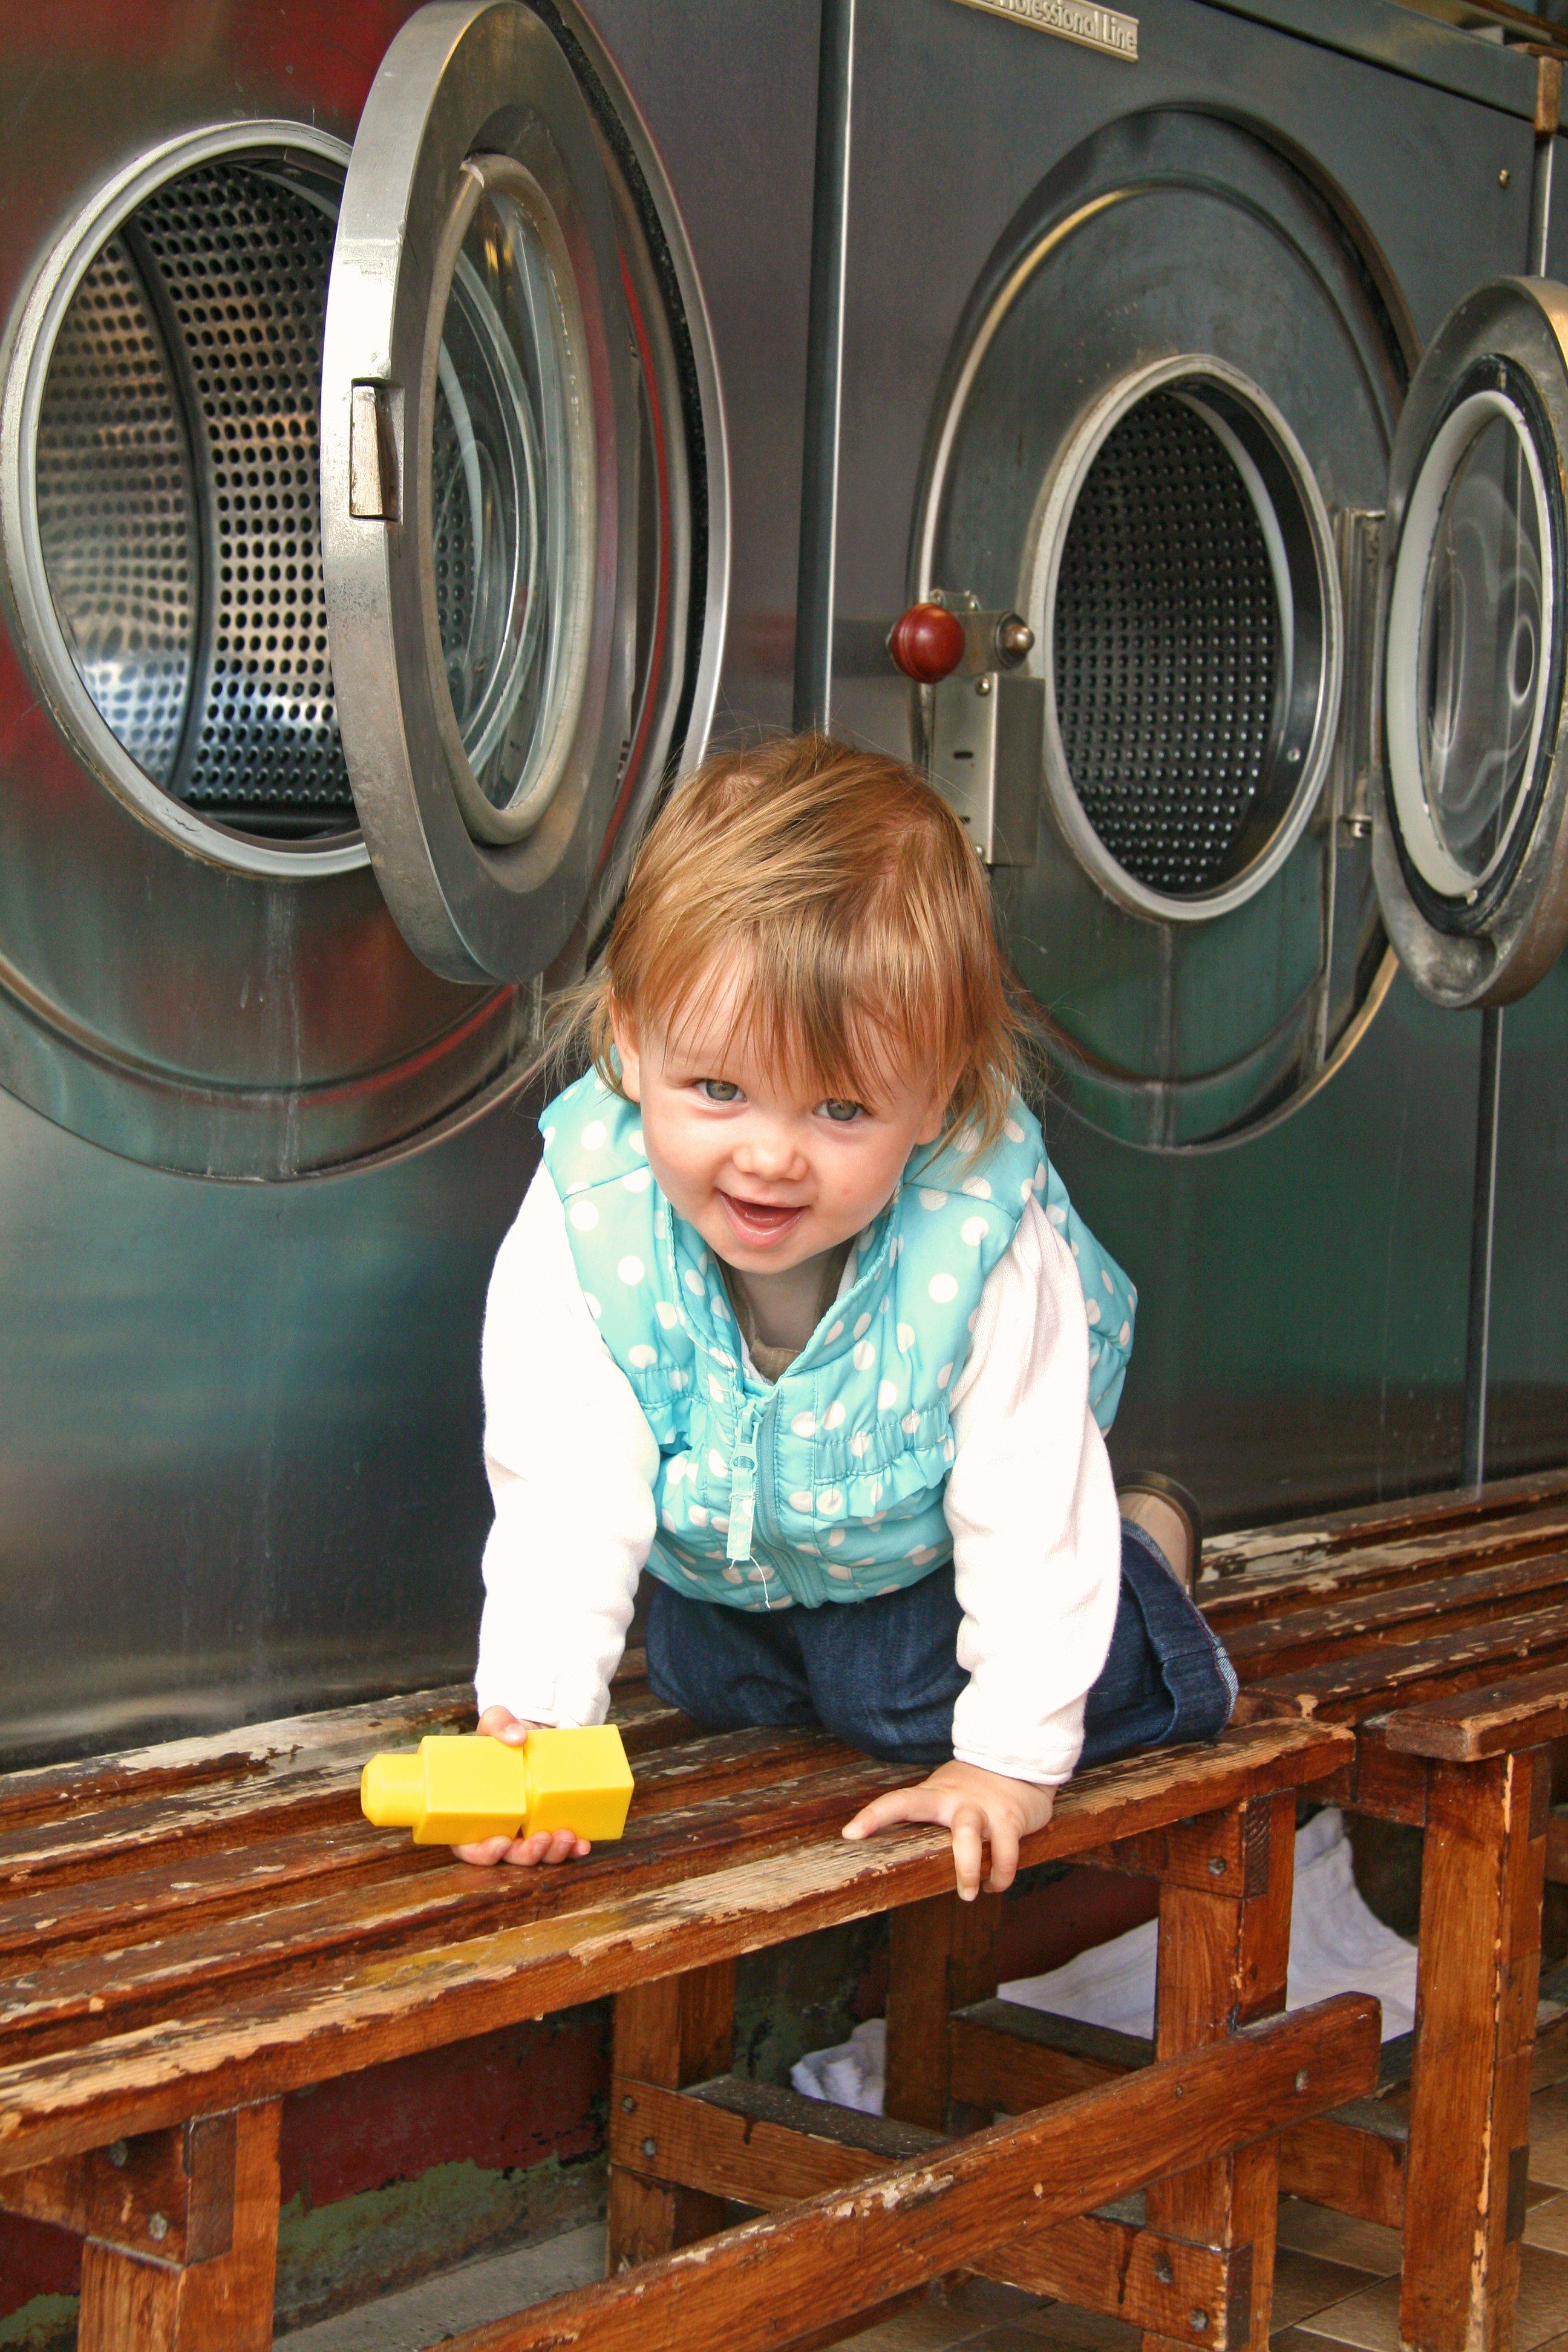 Kinder finden Waschsalons spannend. © Susanne Frank